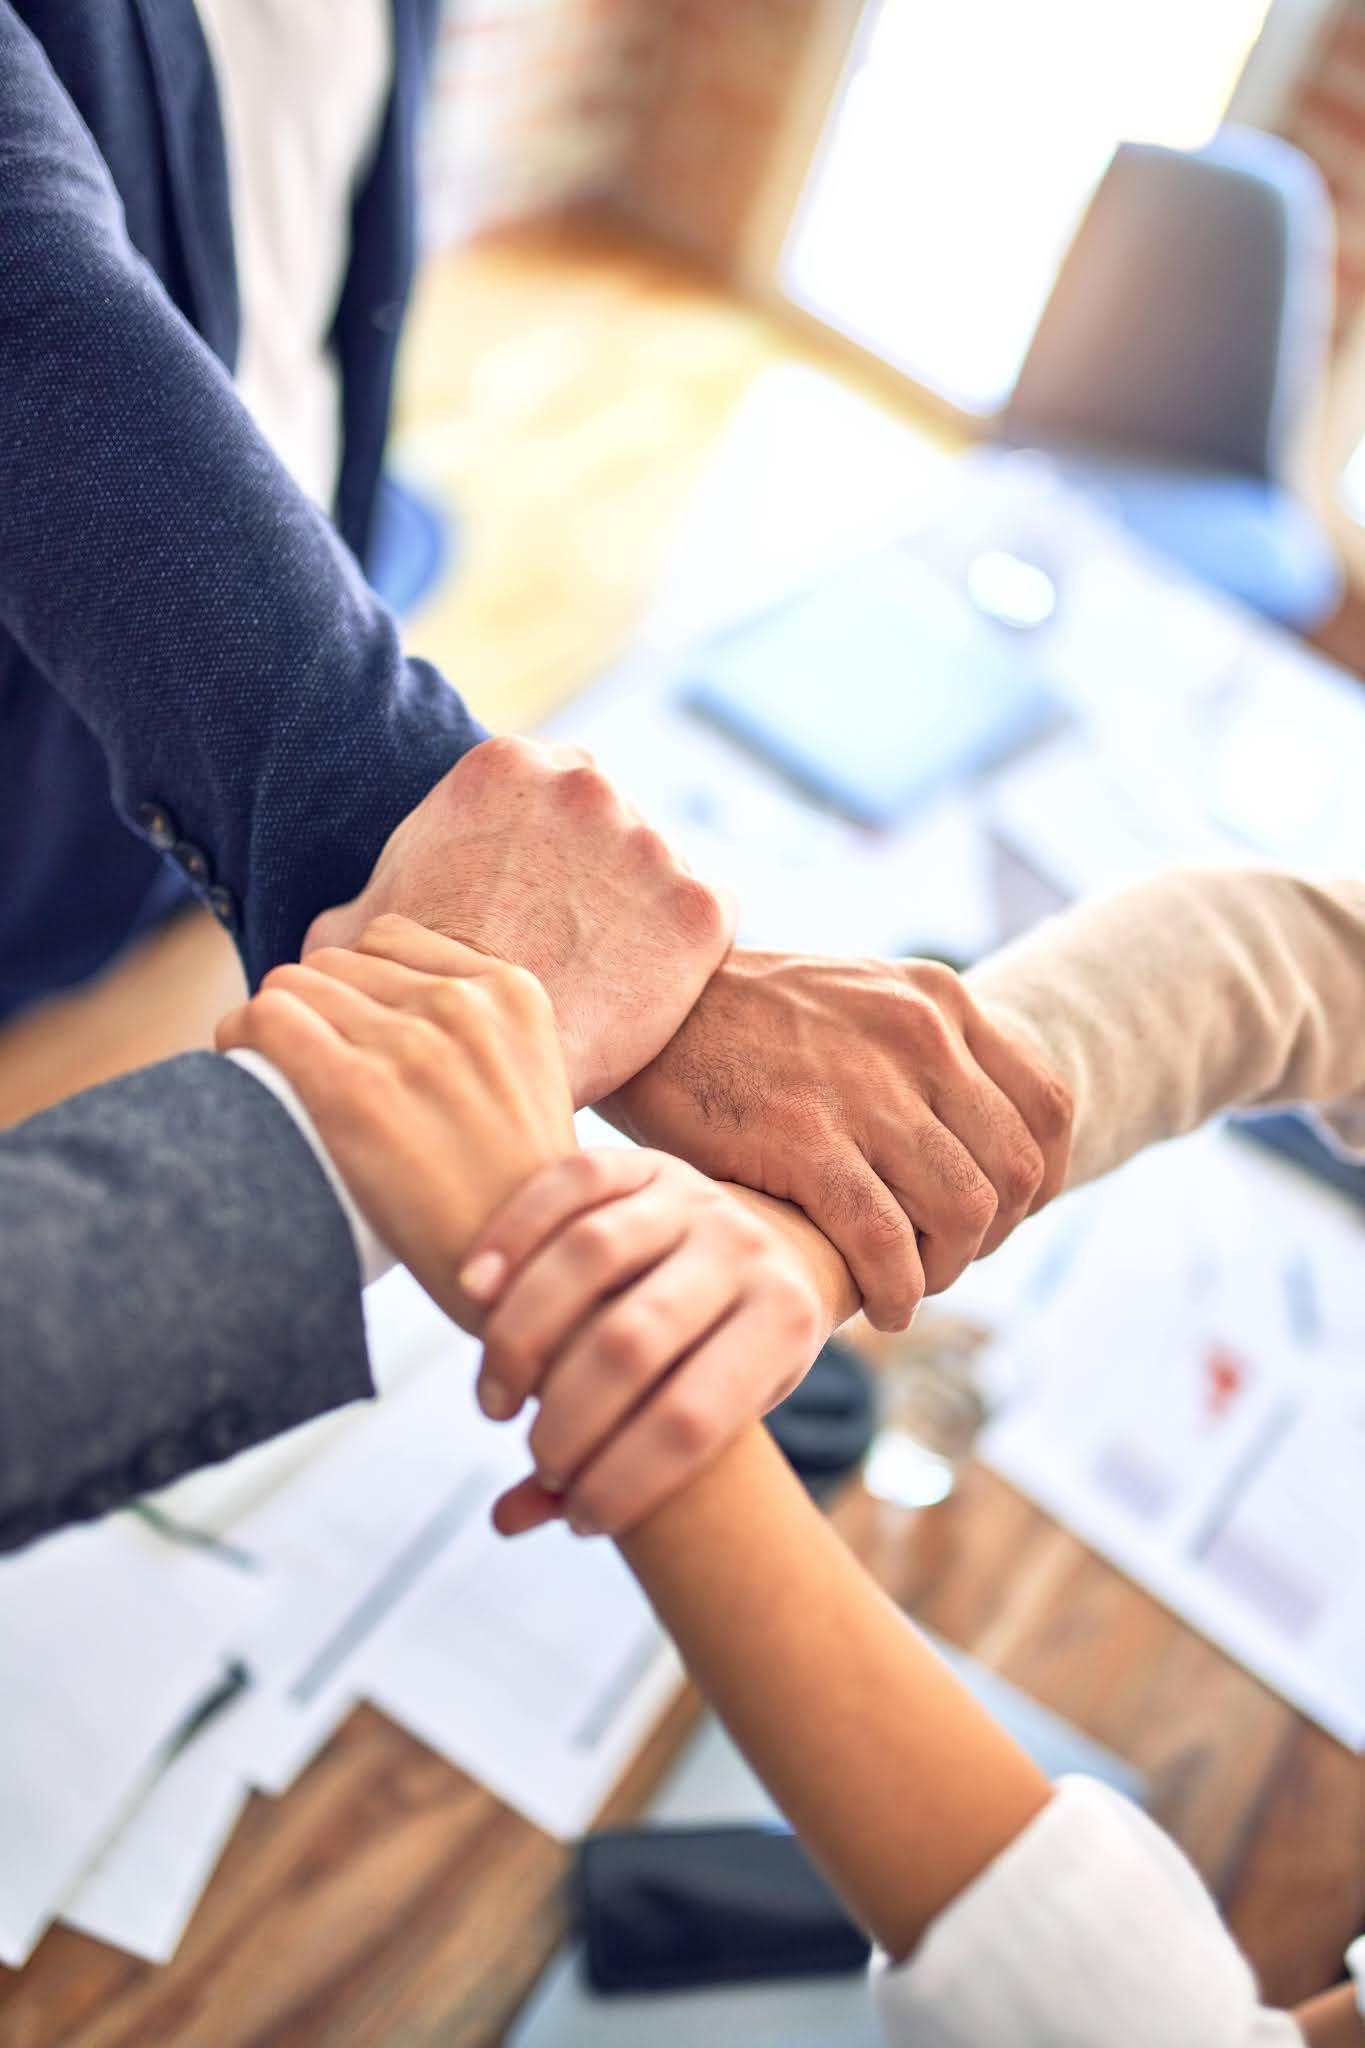 5 kesalahan manajeman perusahaan wajib dihindari